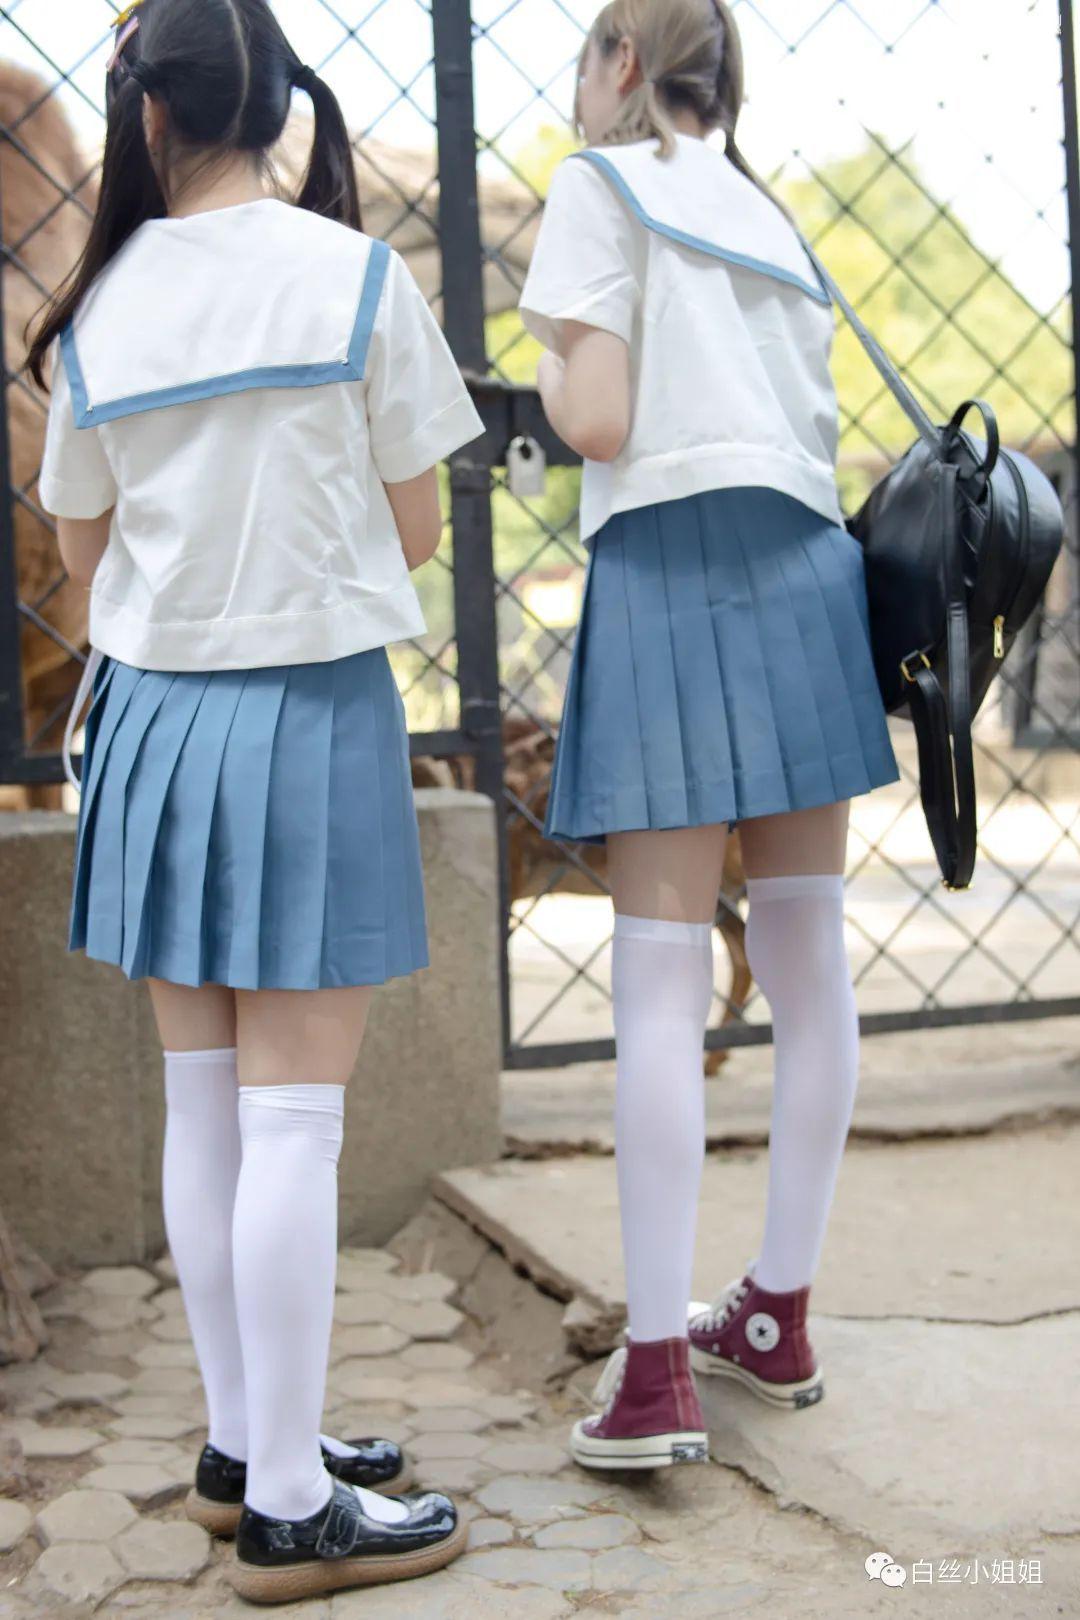 妹子摄影 – 白丝袜JK制服萝莉成对出现,双倍快乐!_图片 No.10